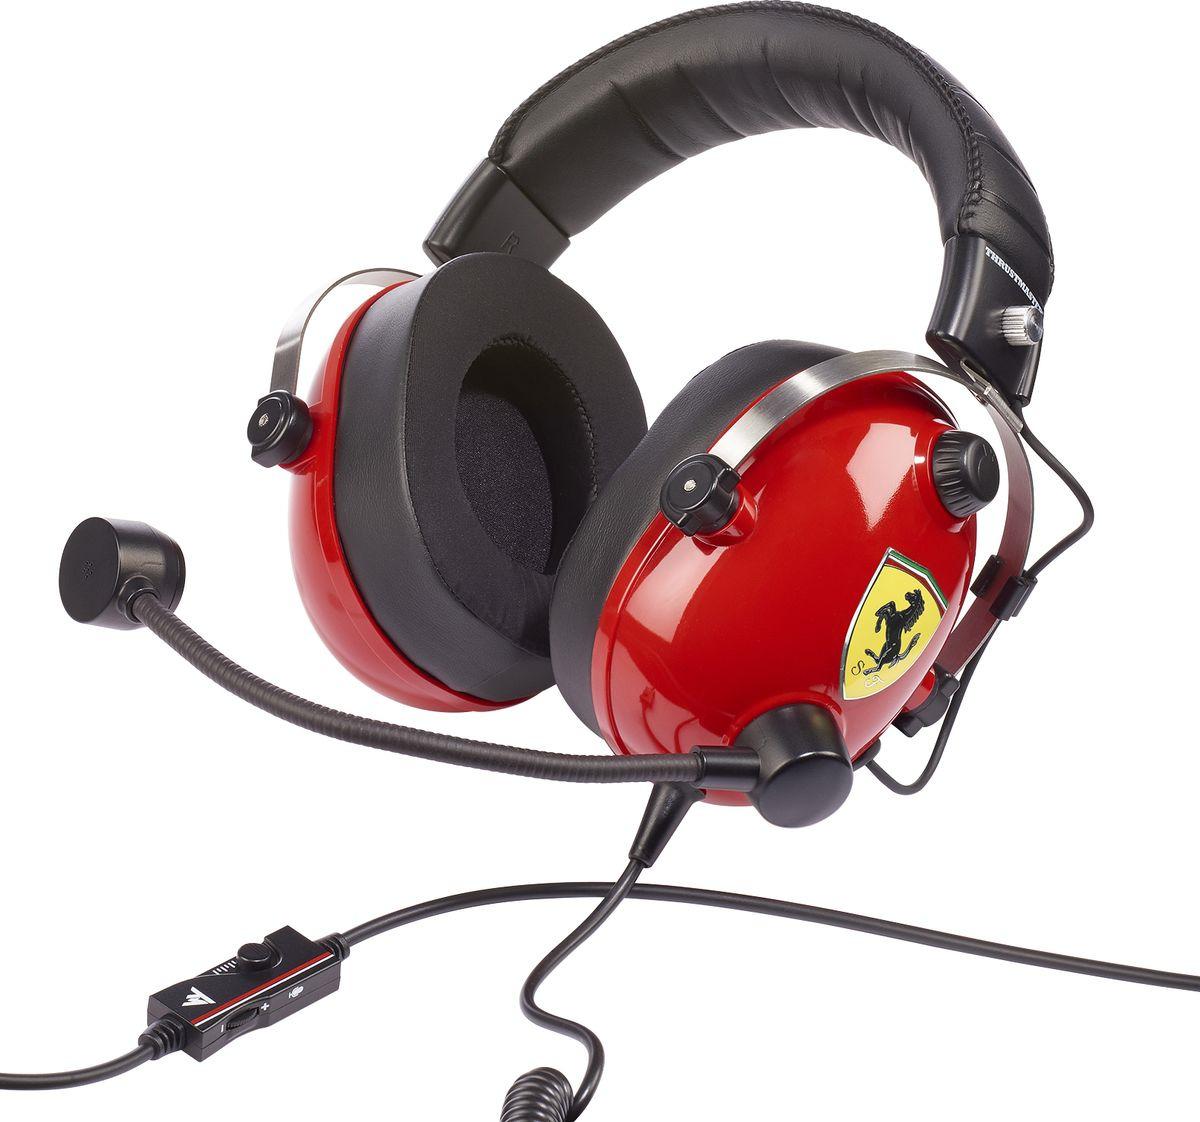 Игровая гарнитура Thrustmaster THR91 T.Racing Scuderia Ferrari Edition для Xbox One, PS4, Nintendo Switch, 3DS, PC, красный